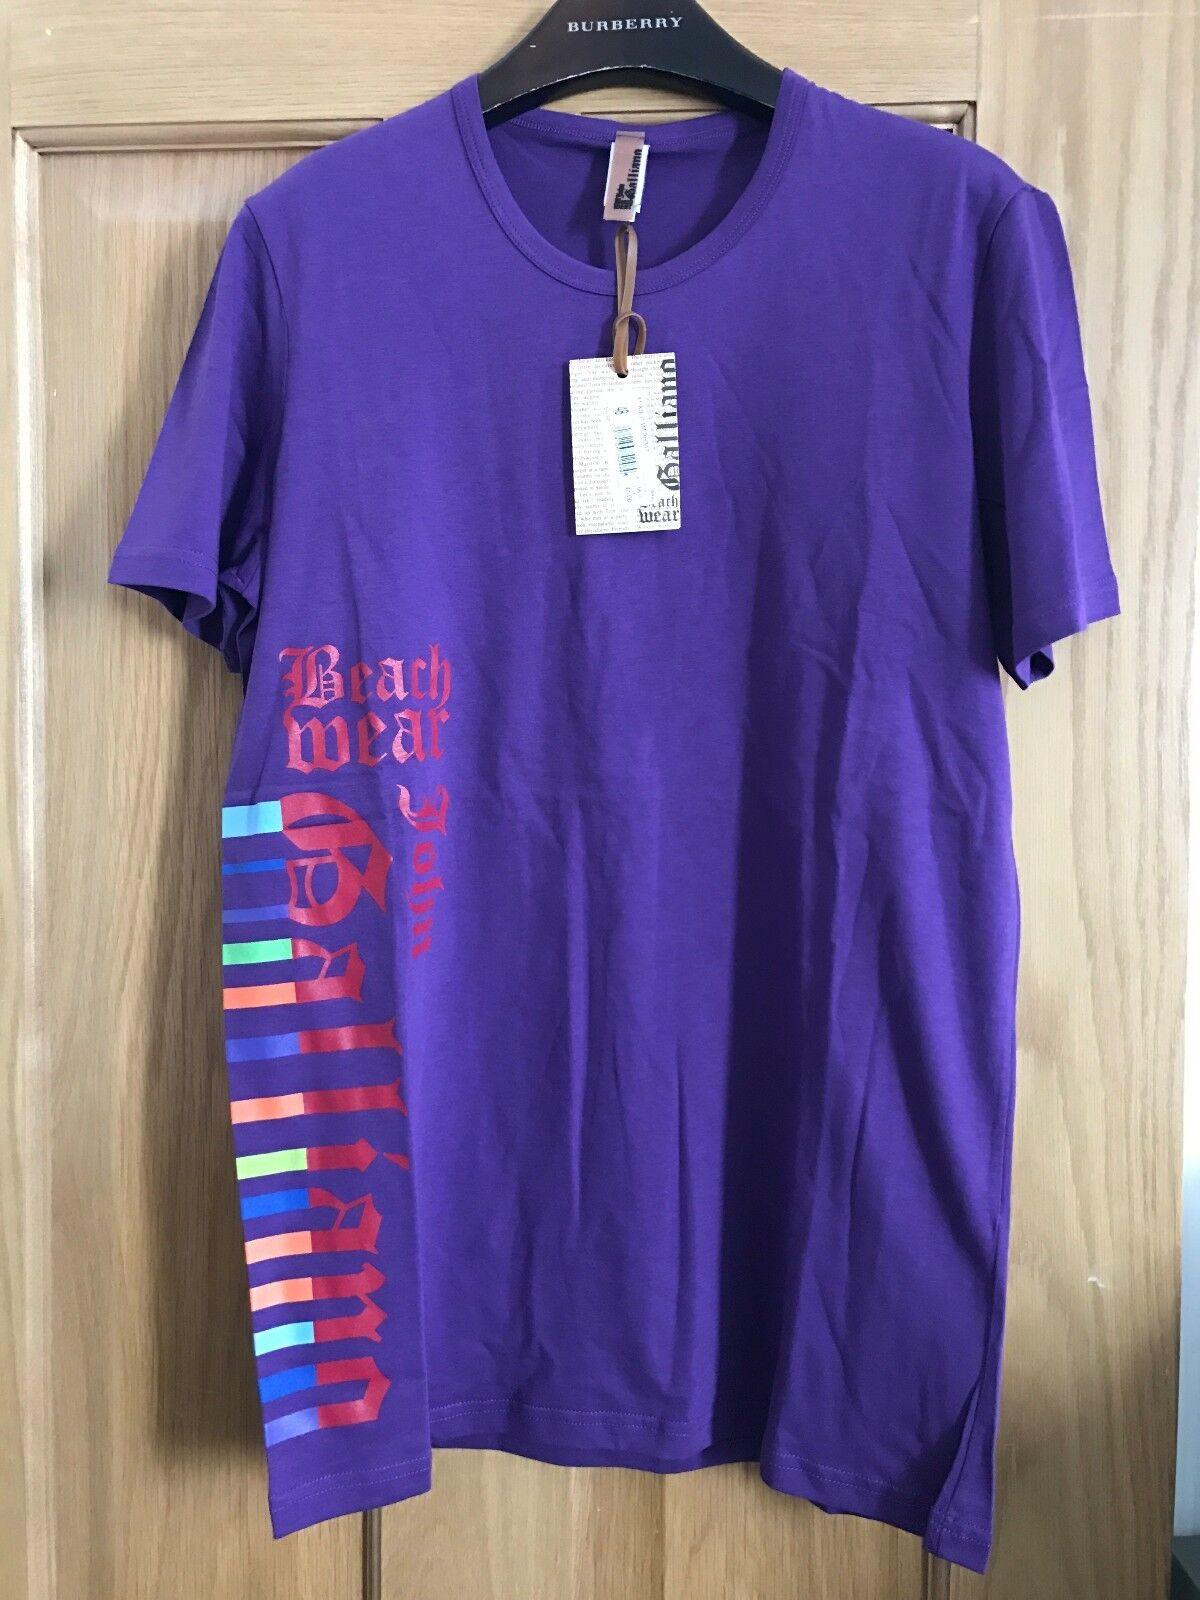 BNWT Uomo John Galliano T-Shirt Taglia M Prezzo Consigliato€ TANTO 68 & TANTO Consigliato€ ALTRO 100% AUTENTICO 35ce01